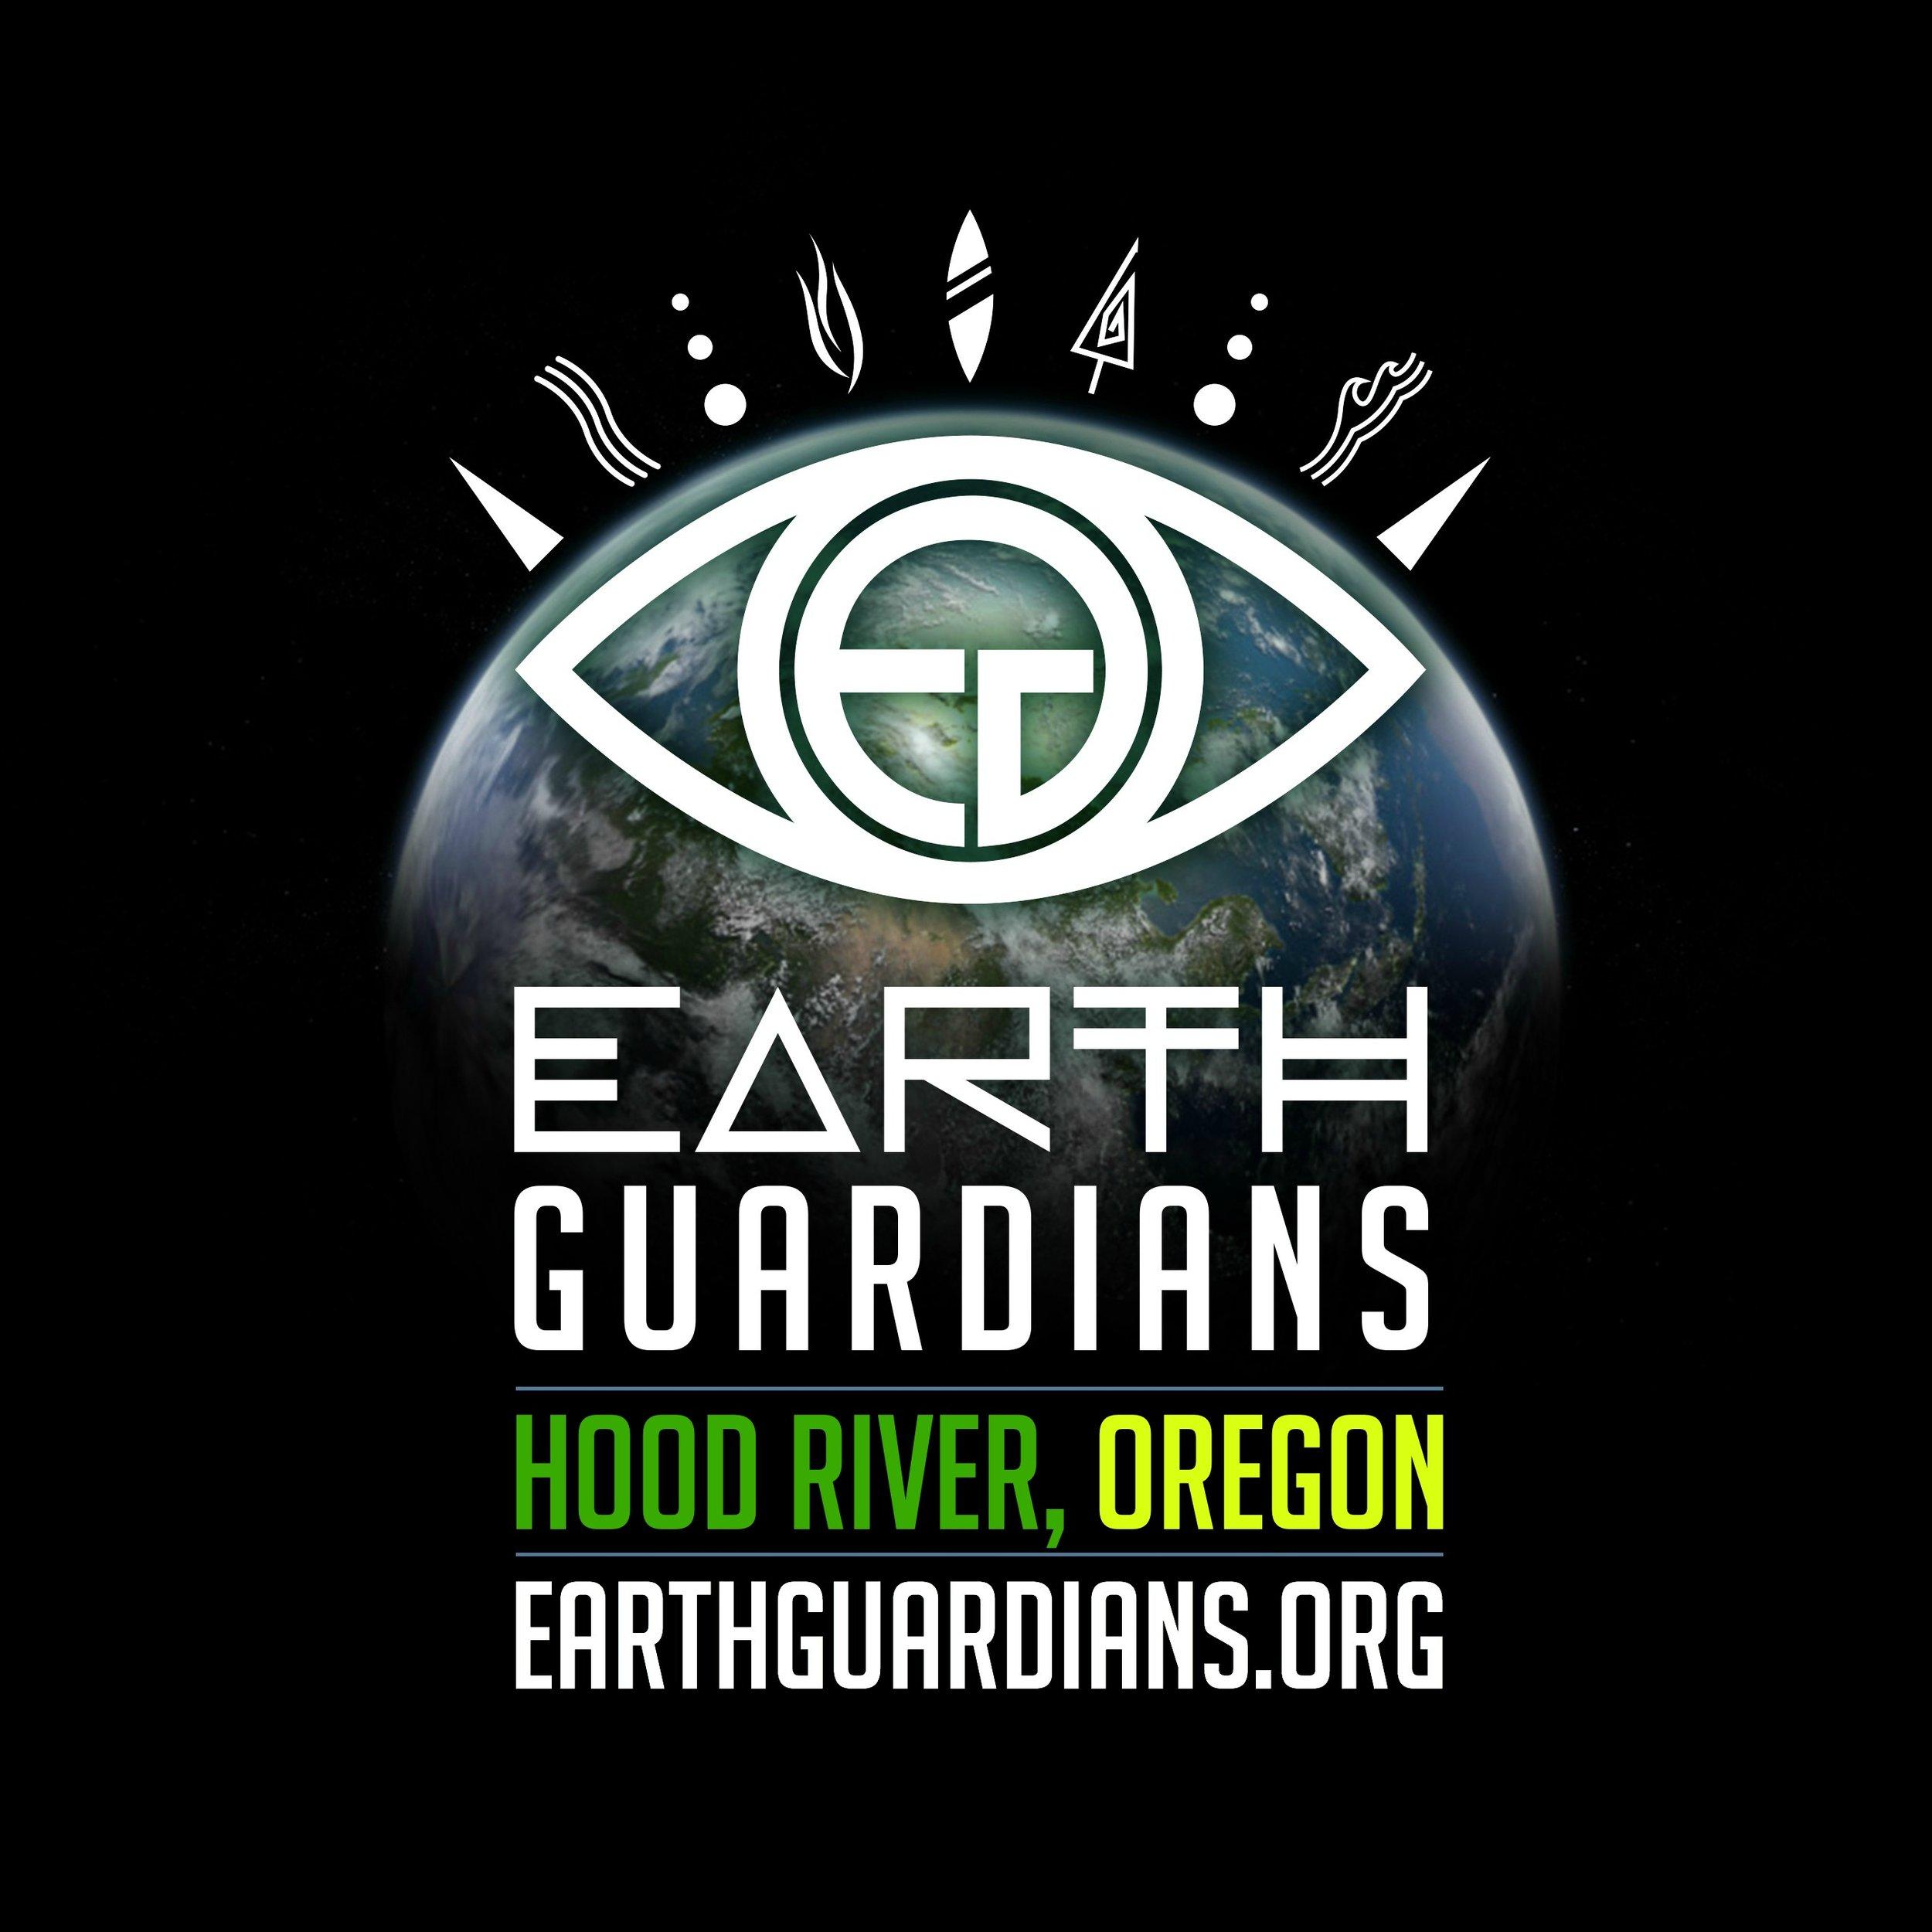 EG_crew logo HOOD RIVER.jpg